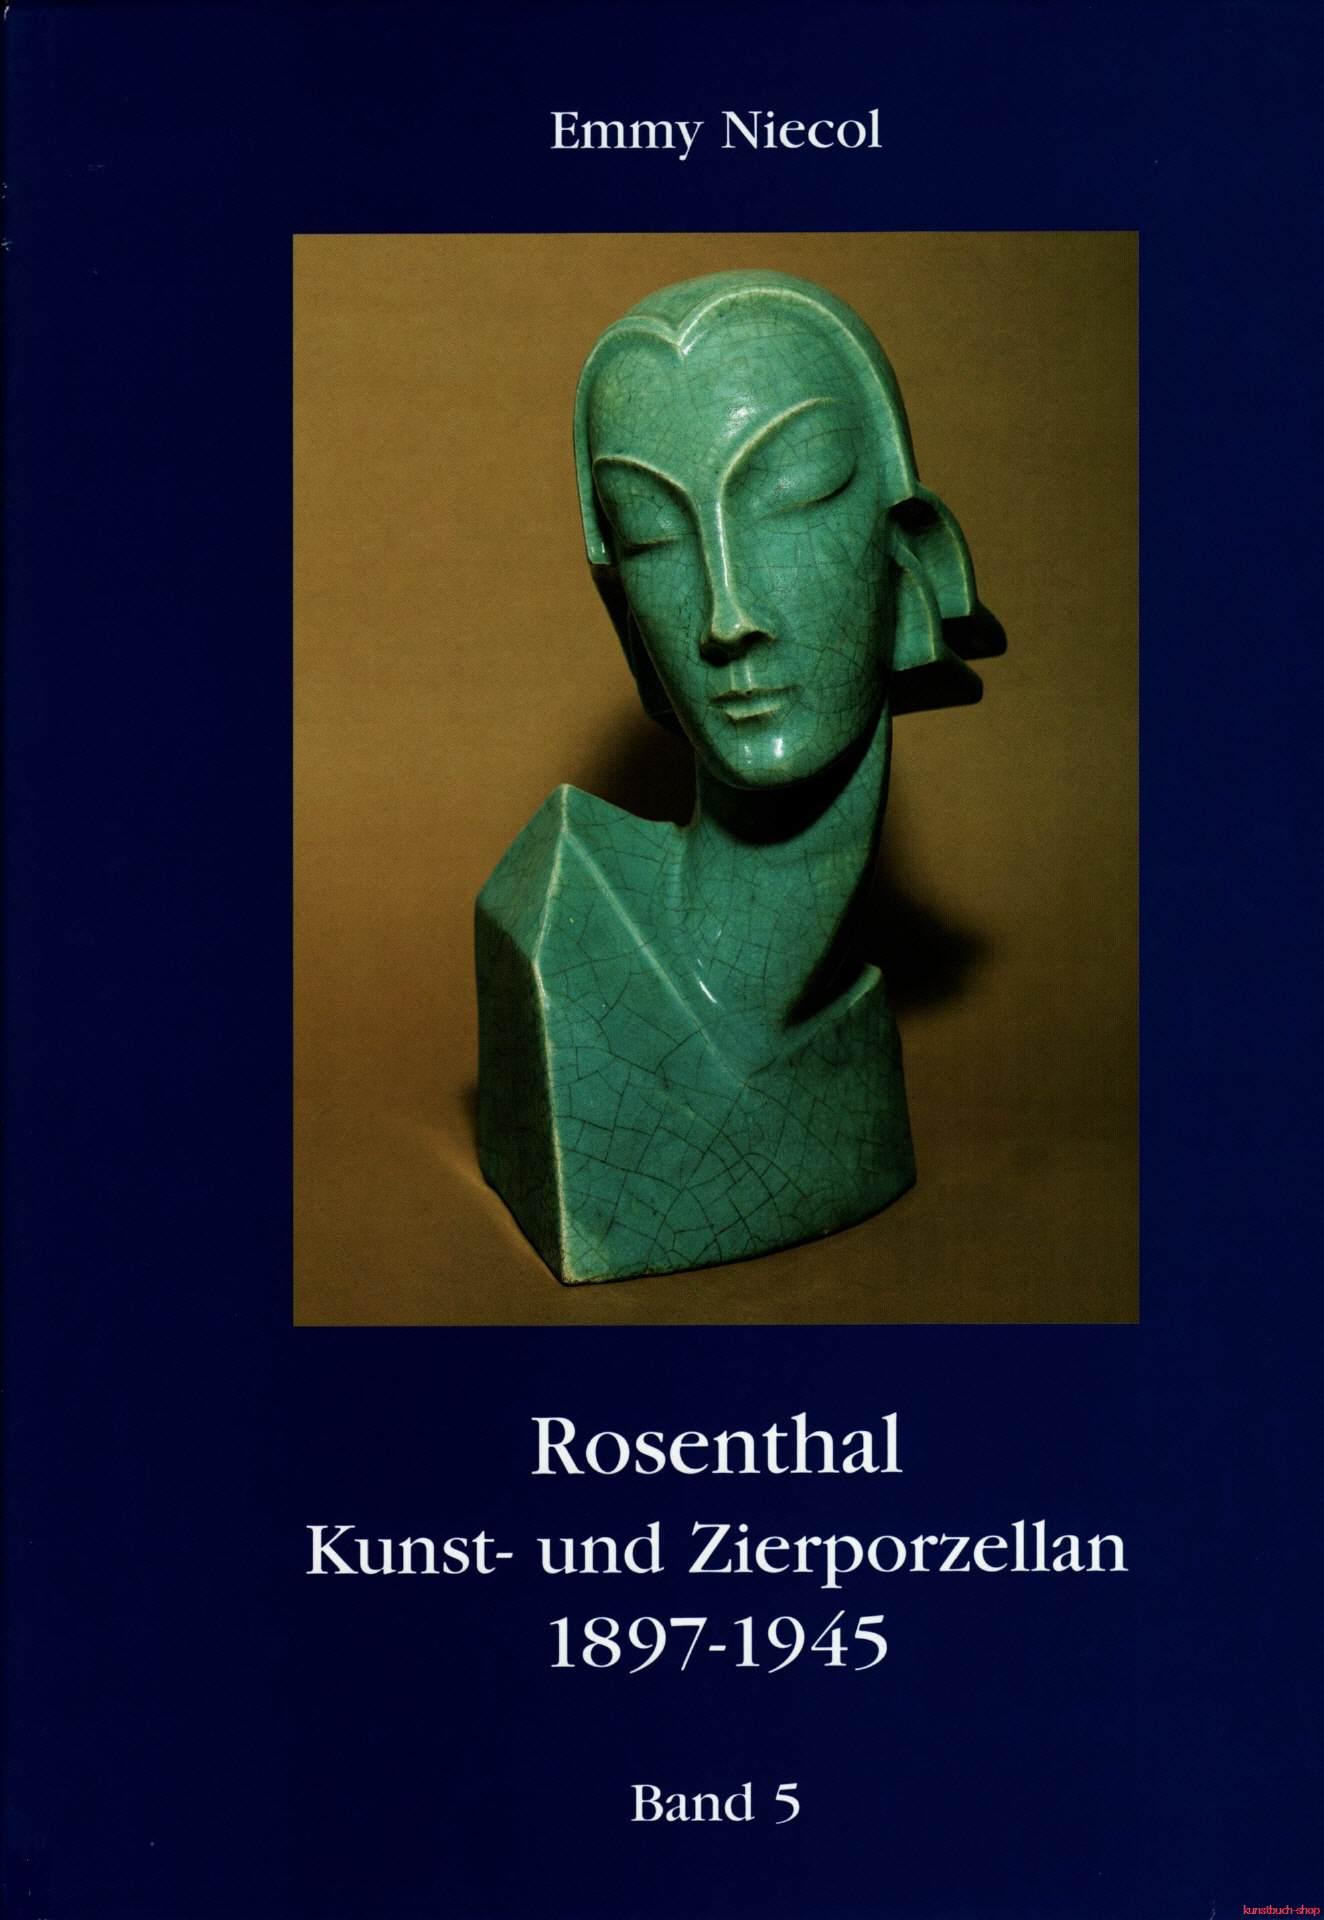 Rosenthal, Kunst- und Zierporzellan 1897-1945 / Rosenthal - Kunst und Zierporzellan 1897-1945. Band 5